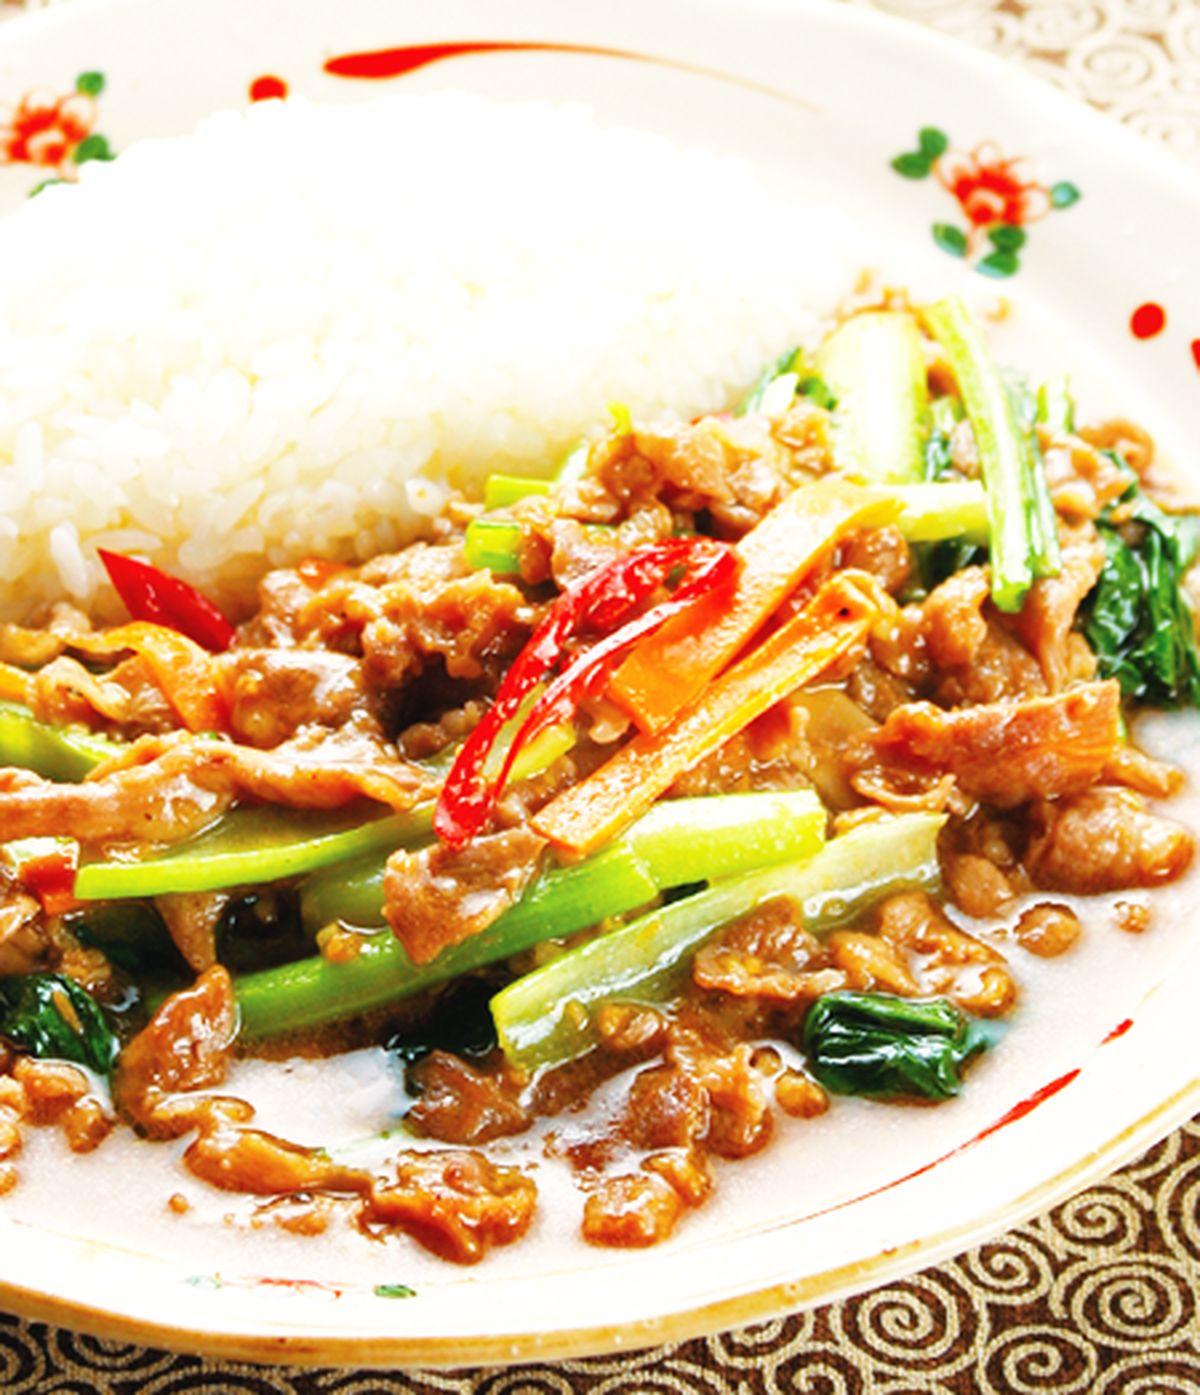 食譜:沙茶羊肉燴飯